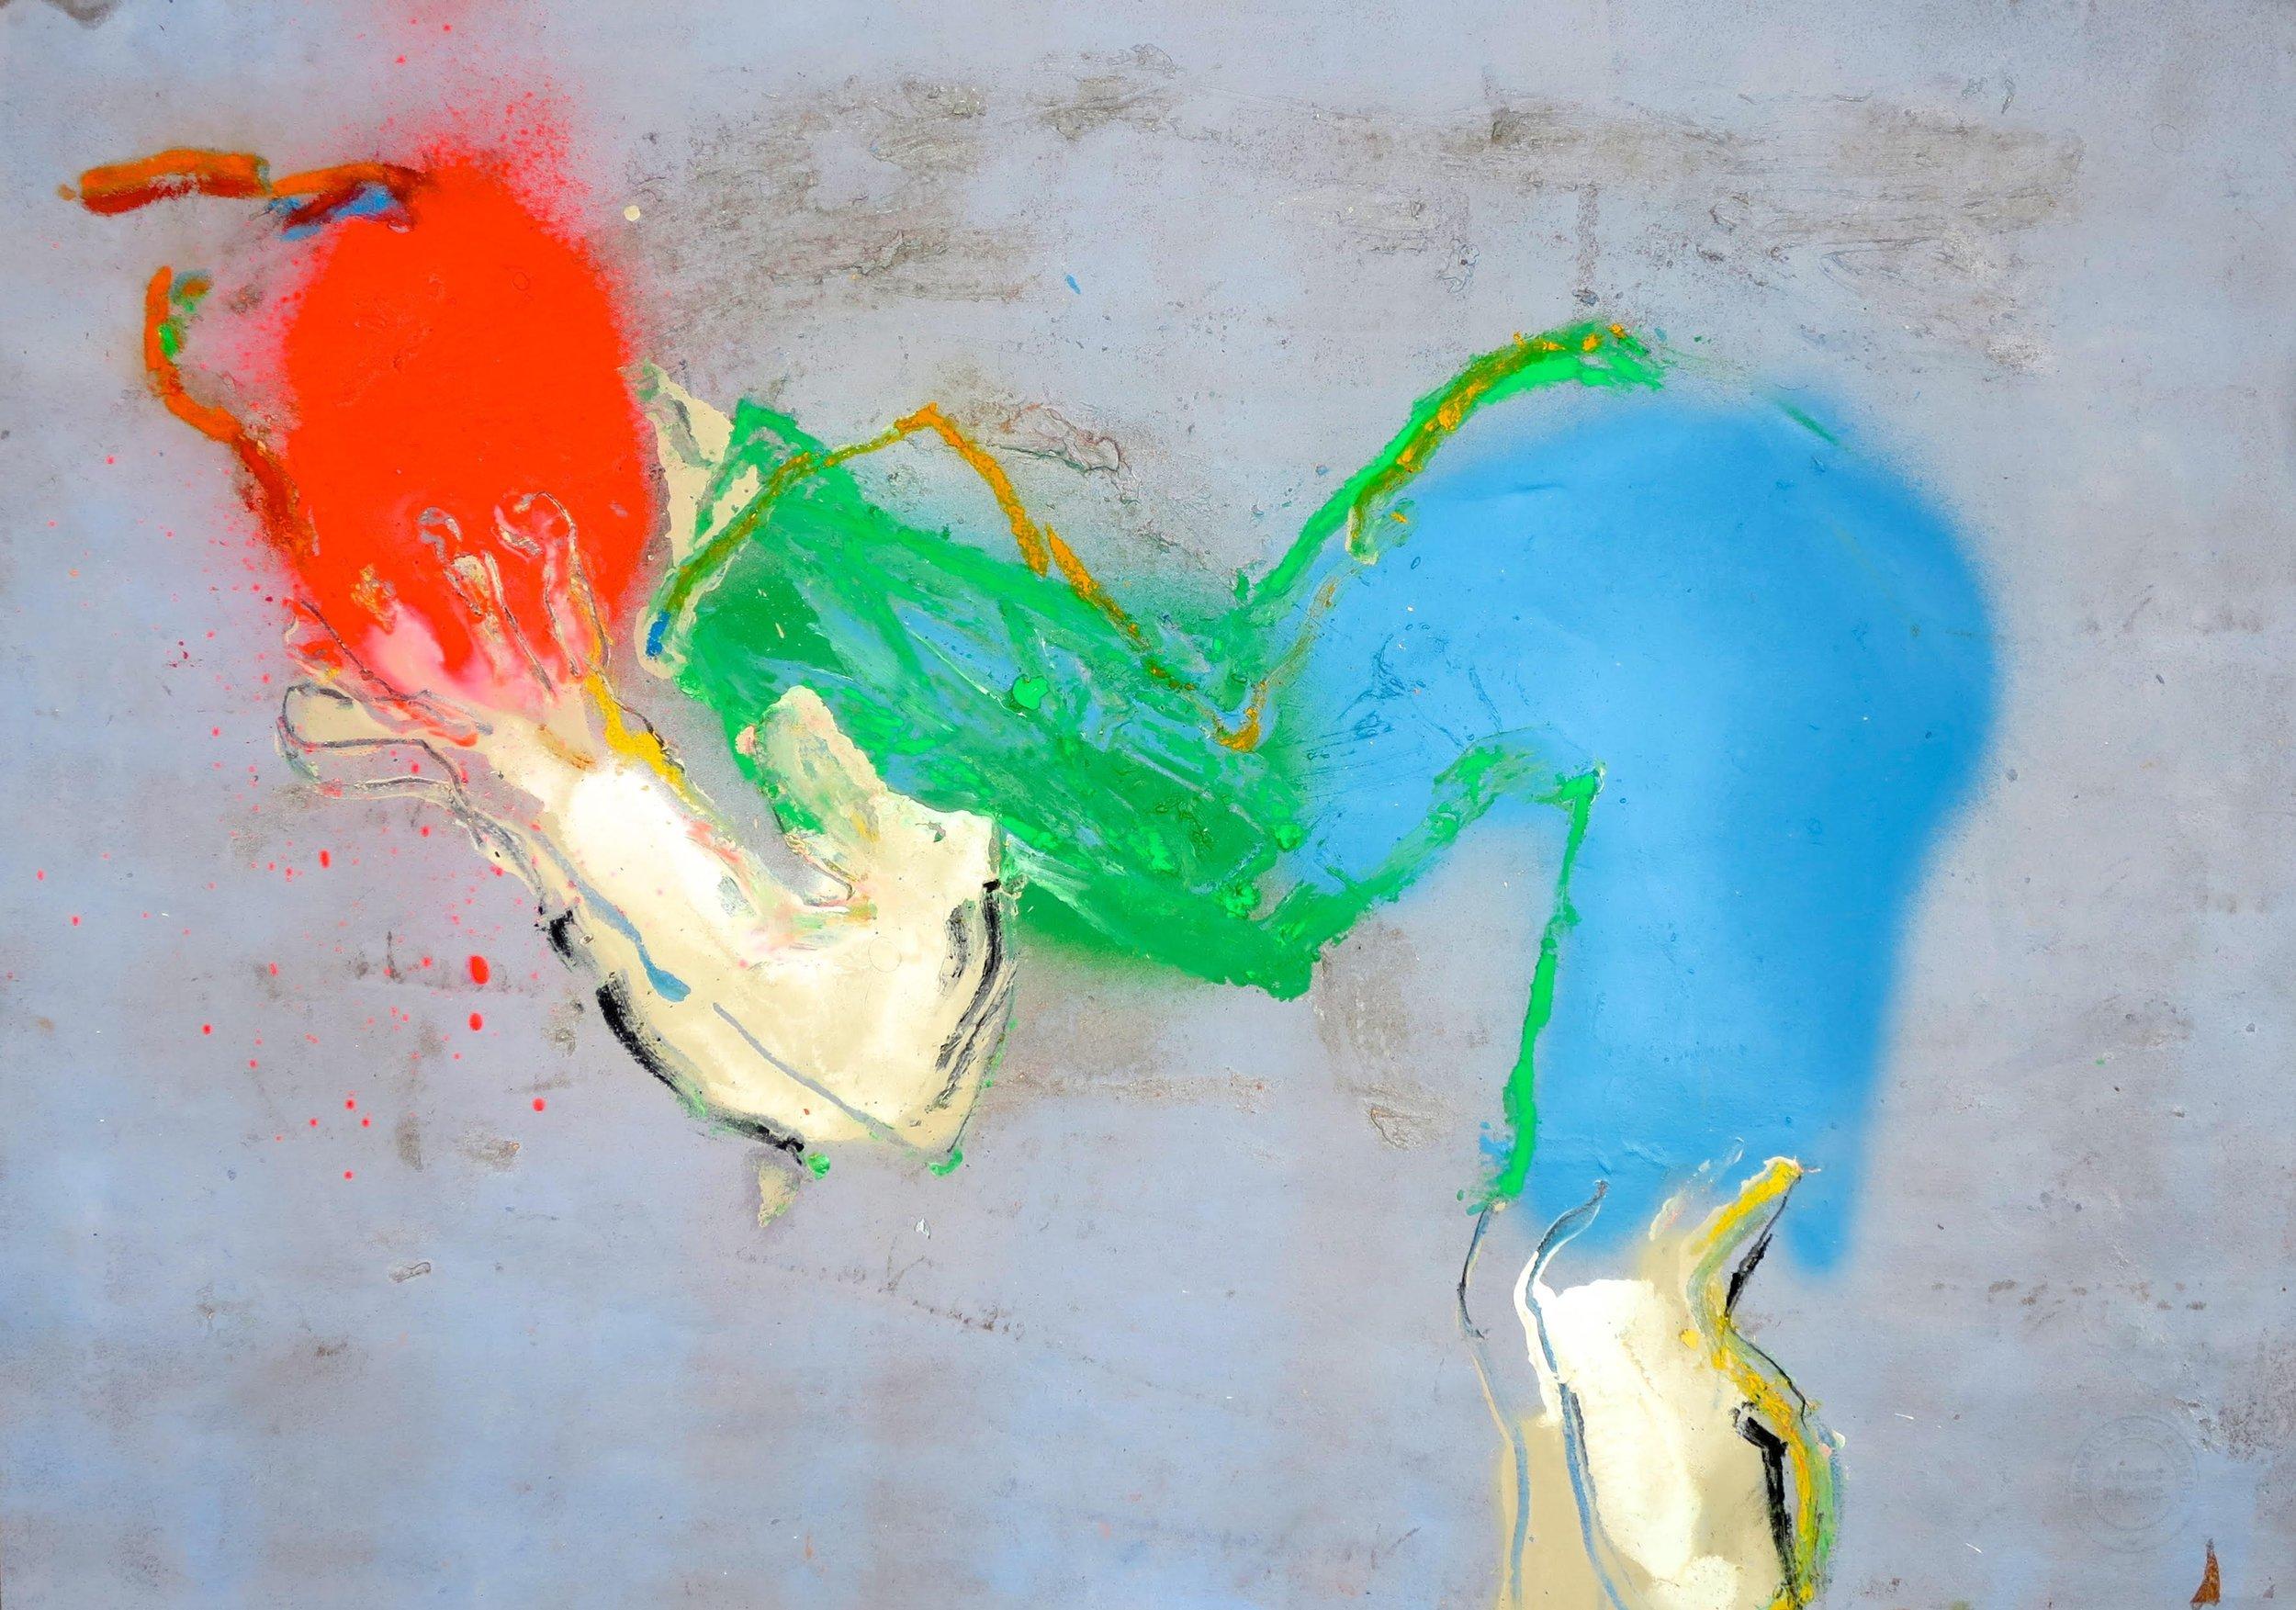 COLLECTION PRIVEE Dépasser les limites (2017) Papier, acrylique, gesso, aérosol, pastel, fusain 42 x 59 cm